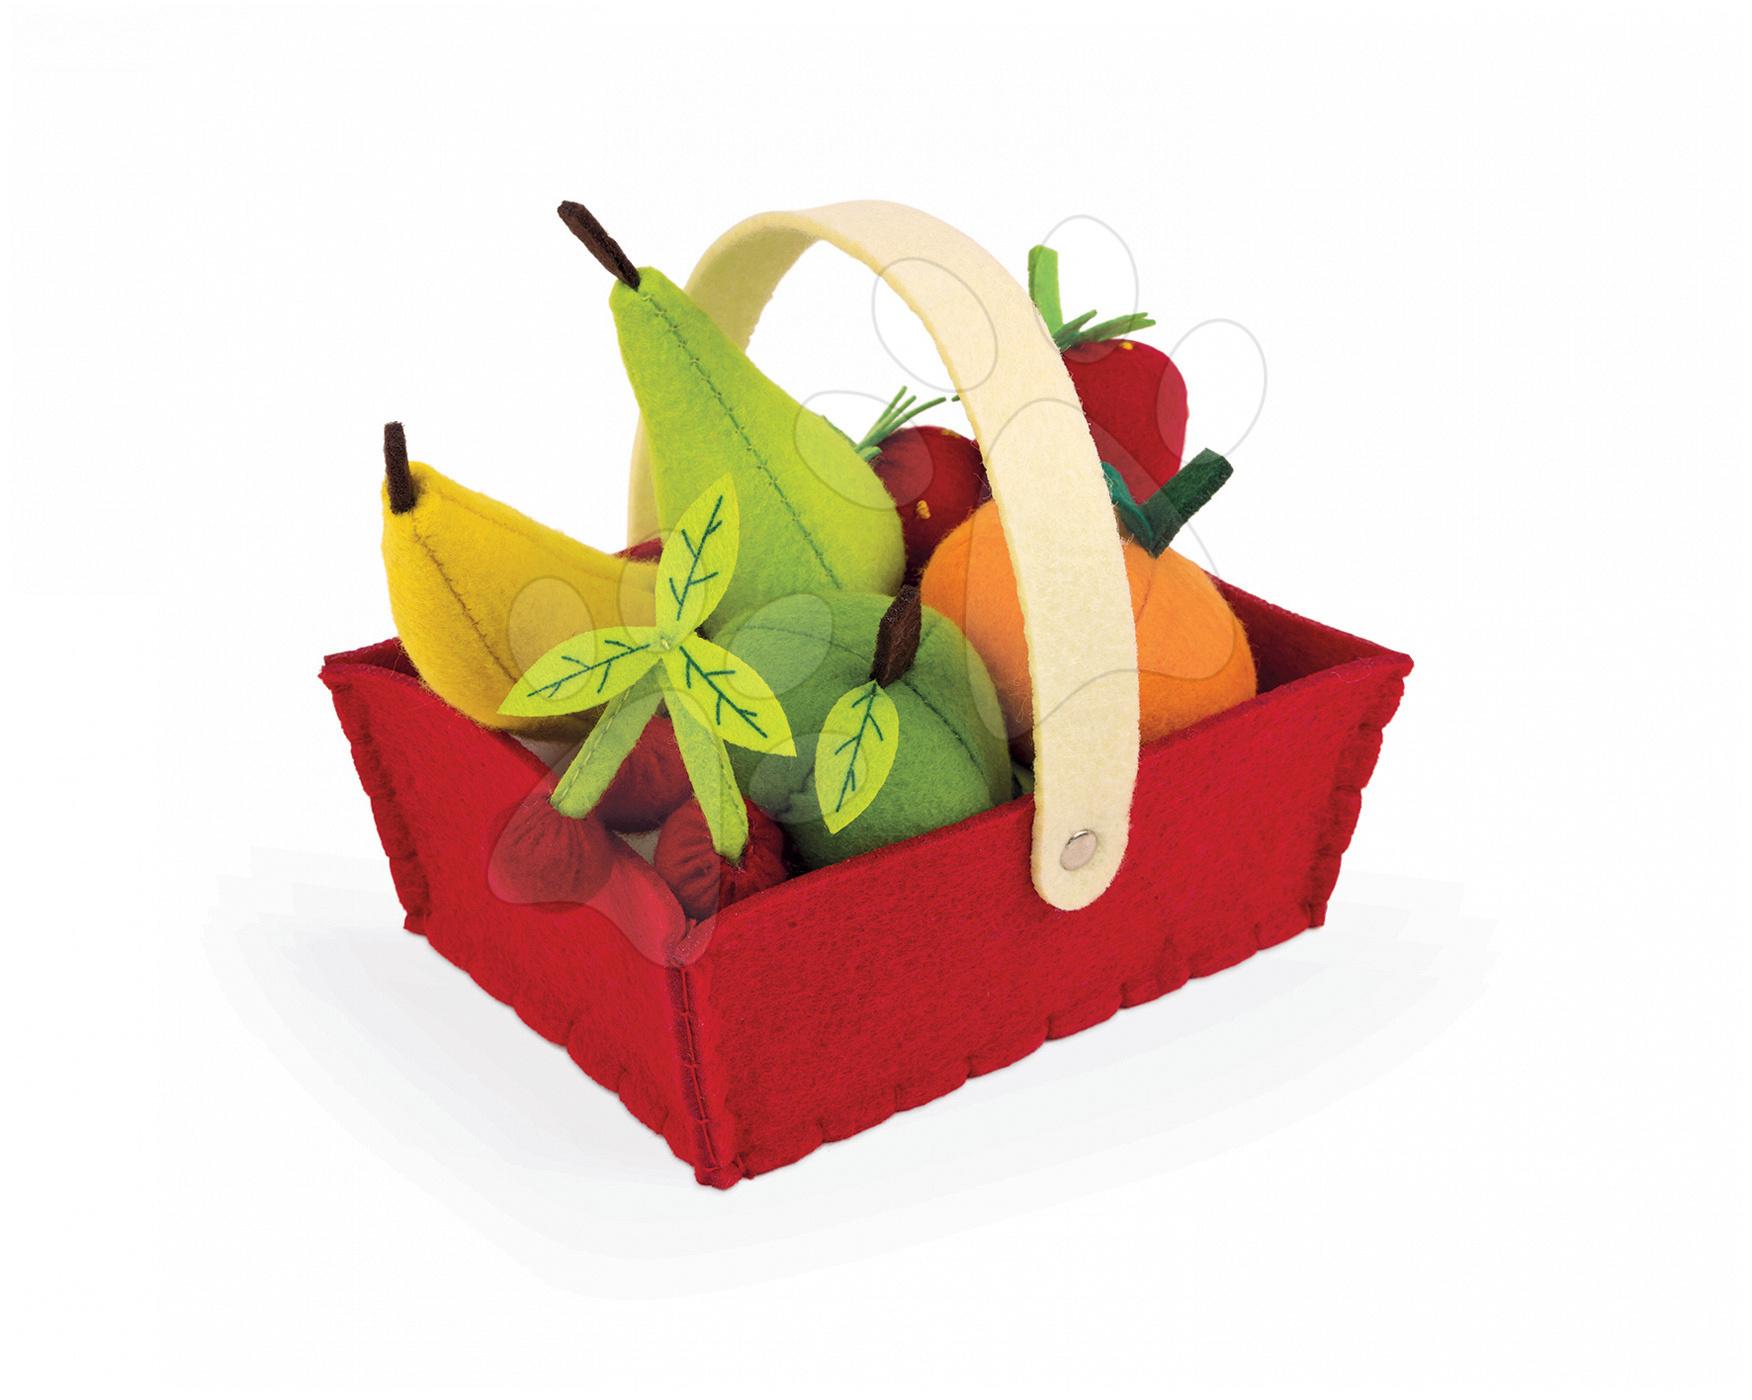 Košík Janod s 8 druhy ovoce z plsti od 24 měsíců